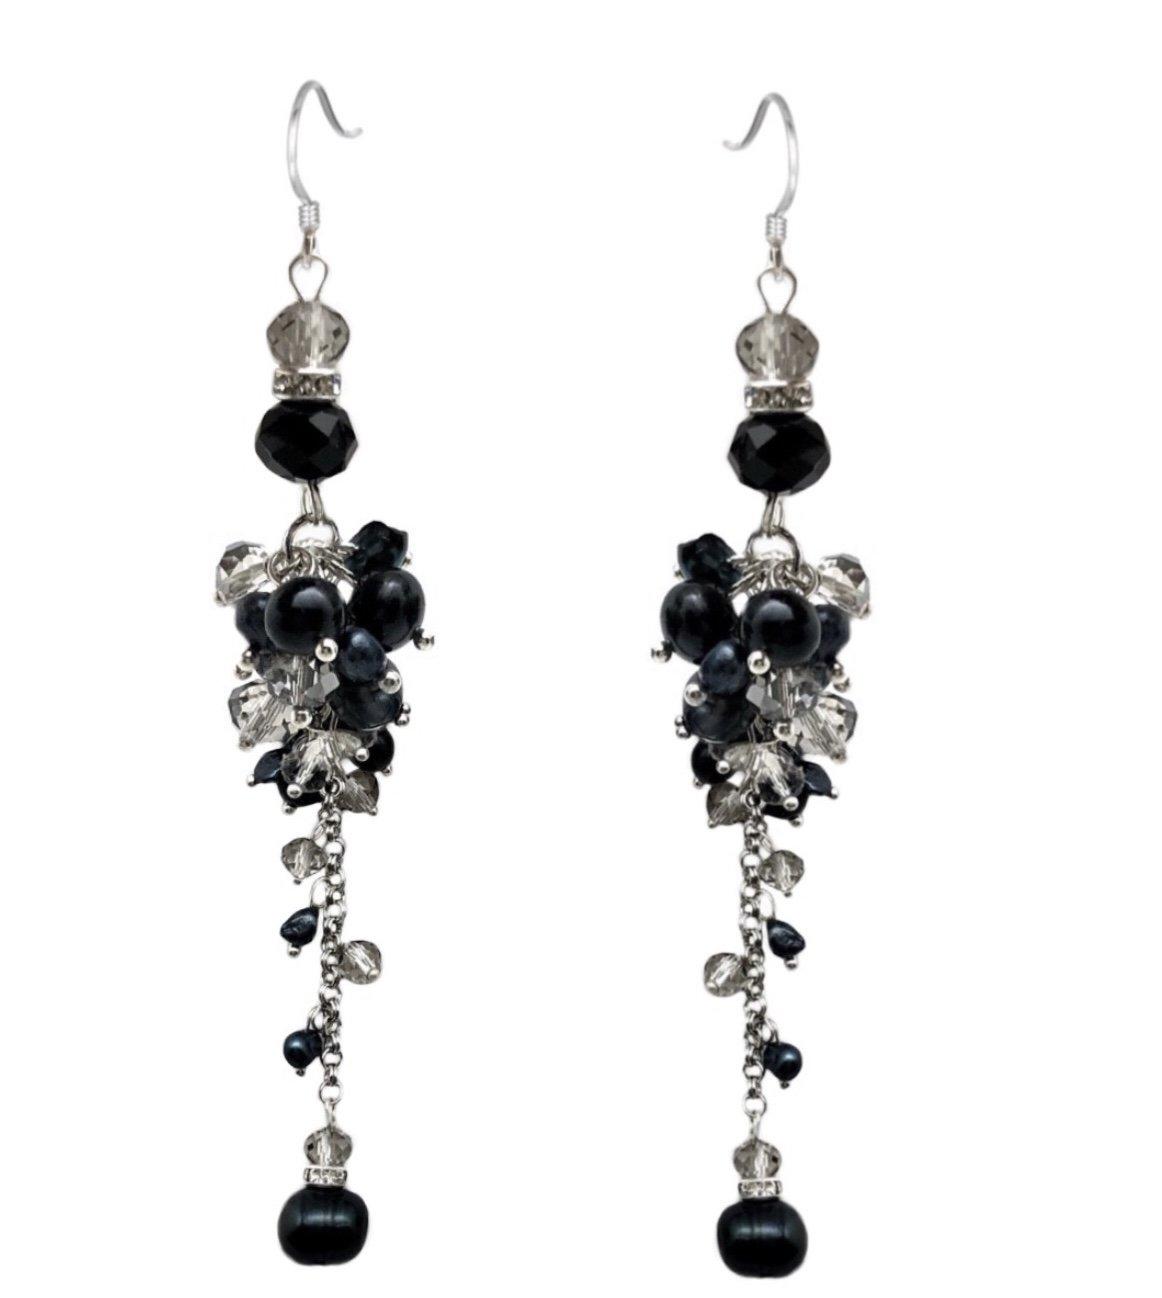 Ear > Pearl Dangle Chandelier Earring - Black